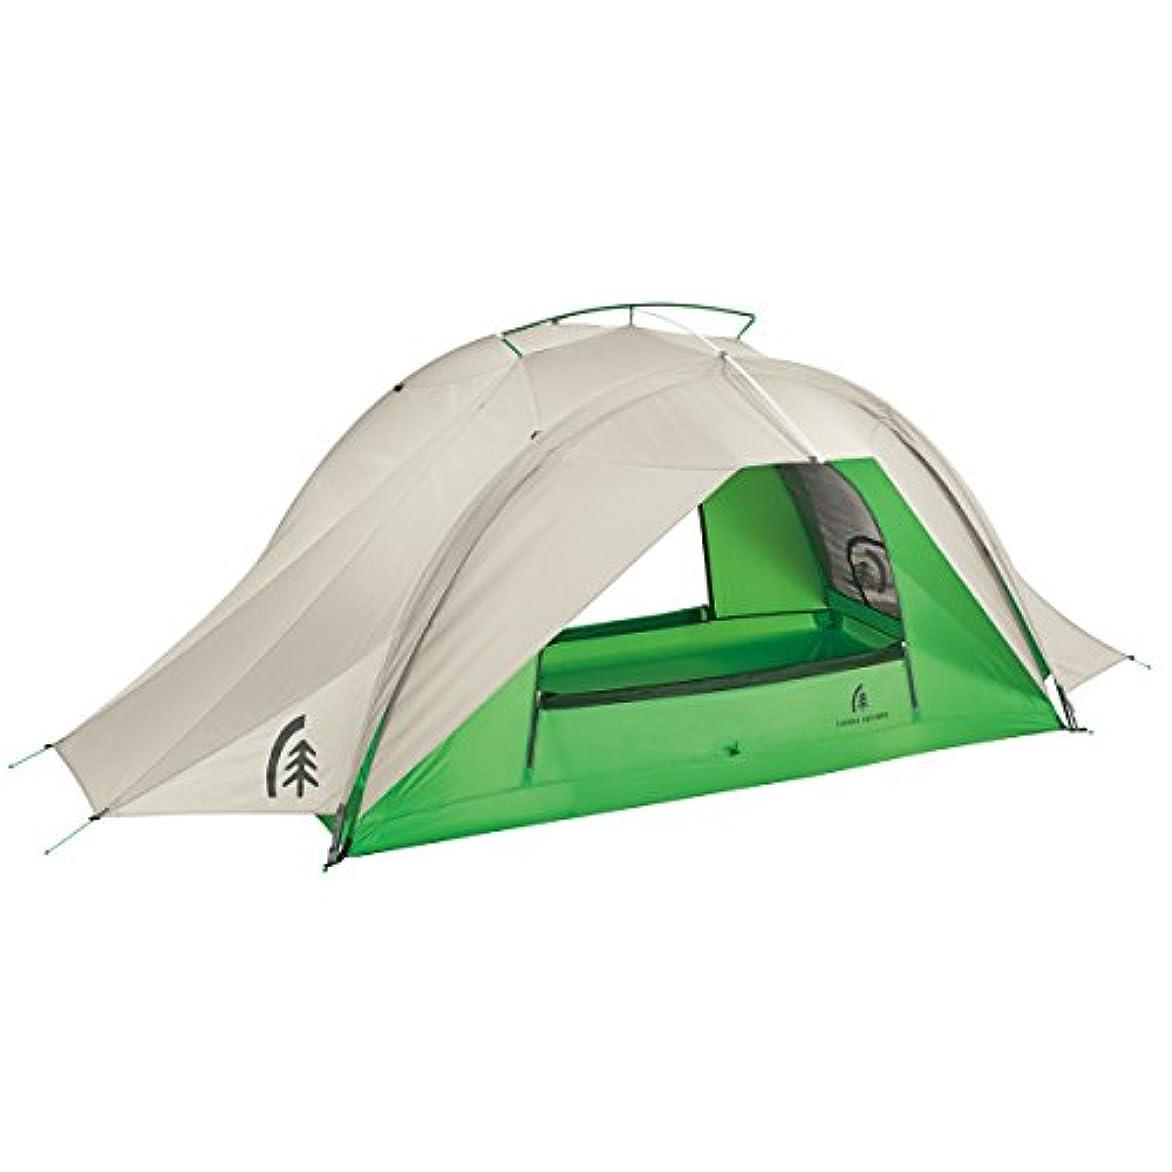 ポンペイ純粋にアーサーコナンドイルSIERRA DESIGNS ( シェラデザインズ ) テント Flash 2 Tent フラッシュ2 [ 2人用 ] 3シ-ズン 【日本正規品】 40151516